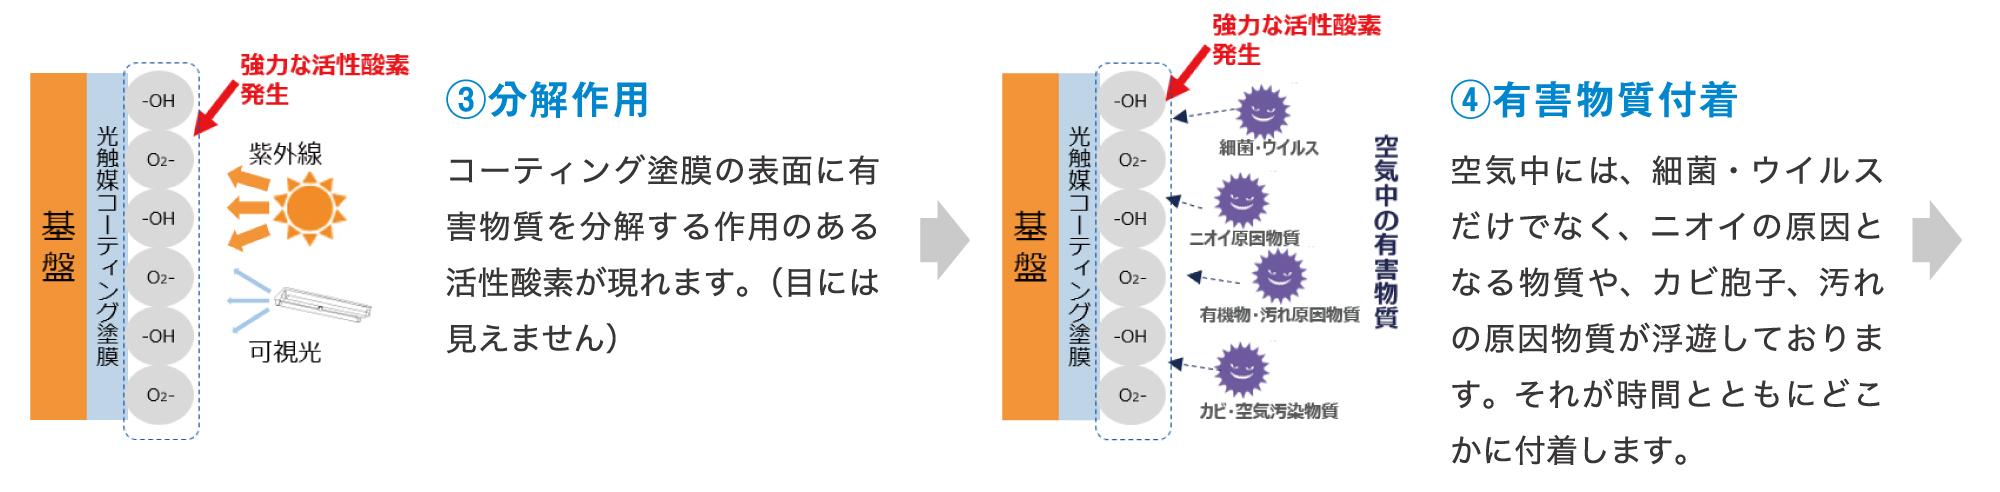 有害物質分解の仕組み2